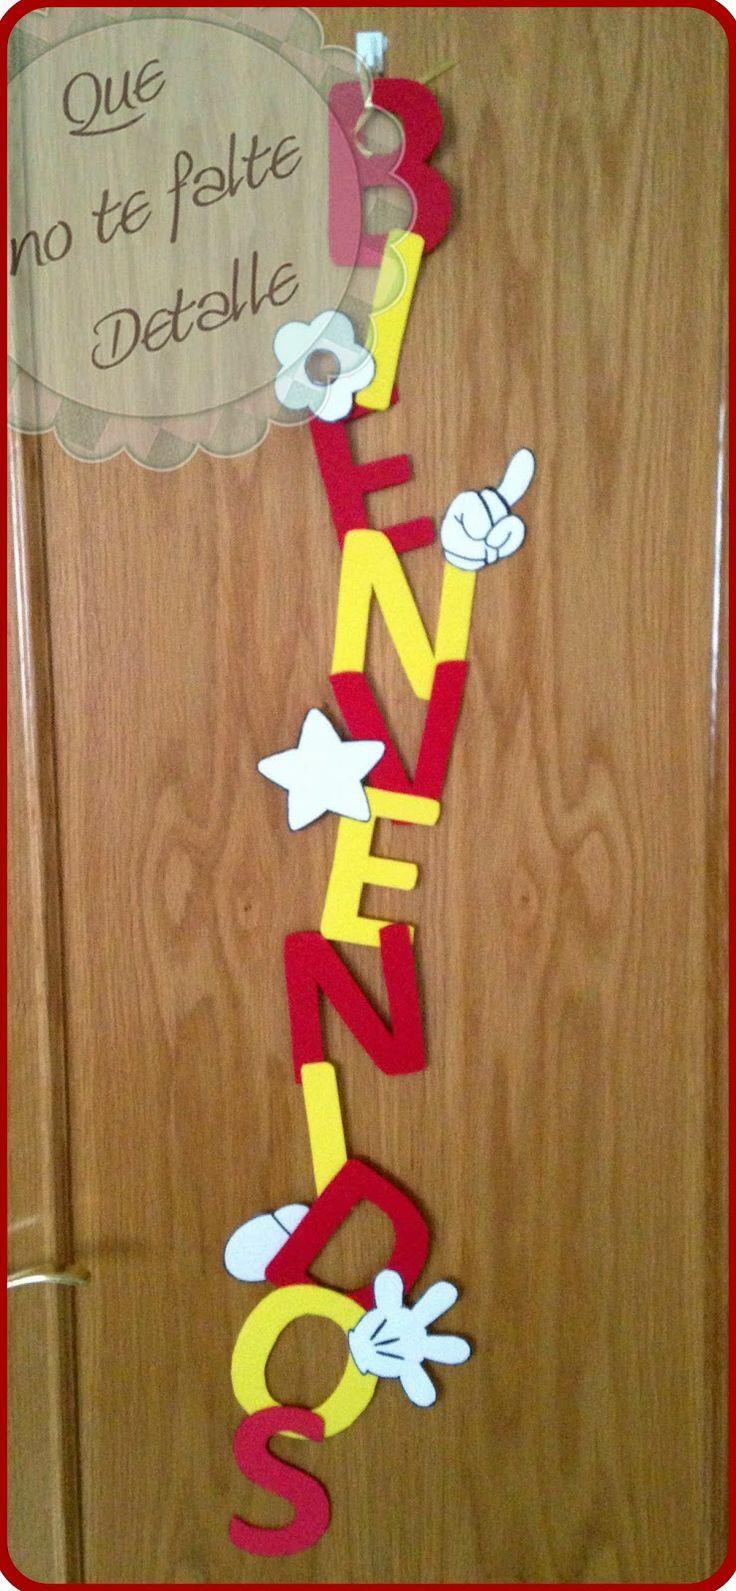 #Cartel de Bienvenida a la Mickey Fiesta # cartel bienvenida foam #cartel bienvenida goma eva